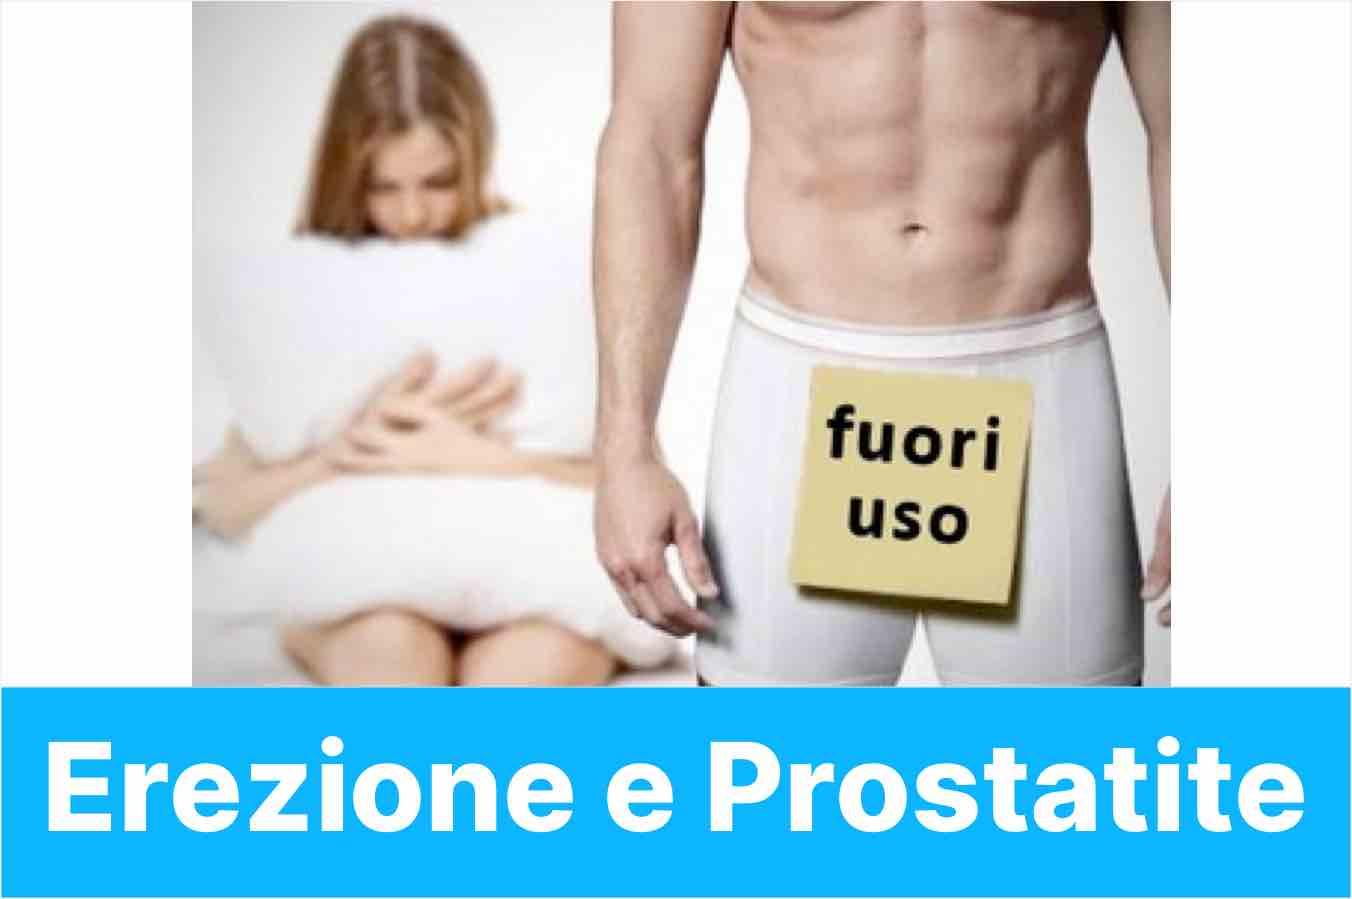 erezione e prostatite